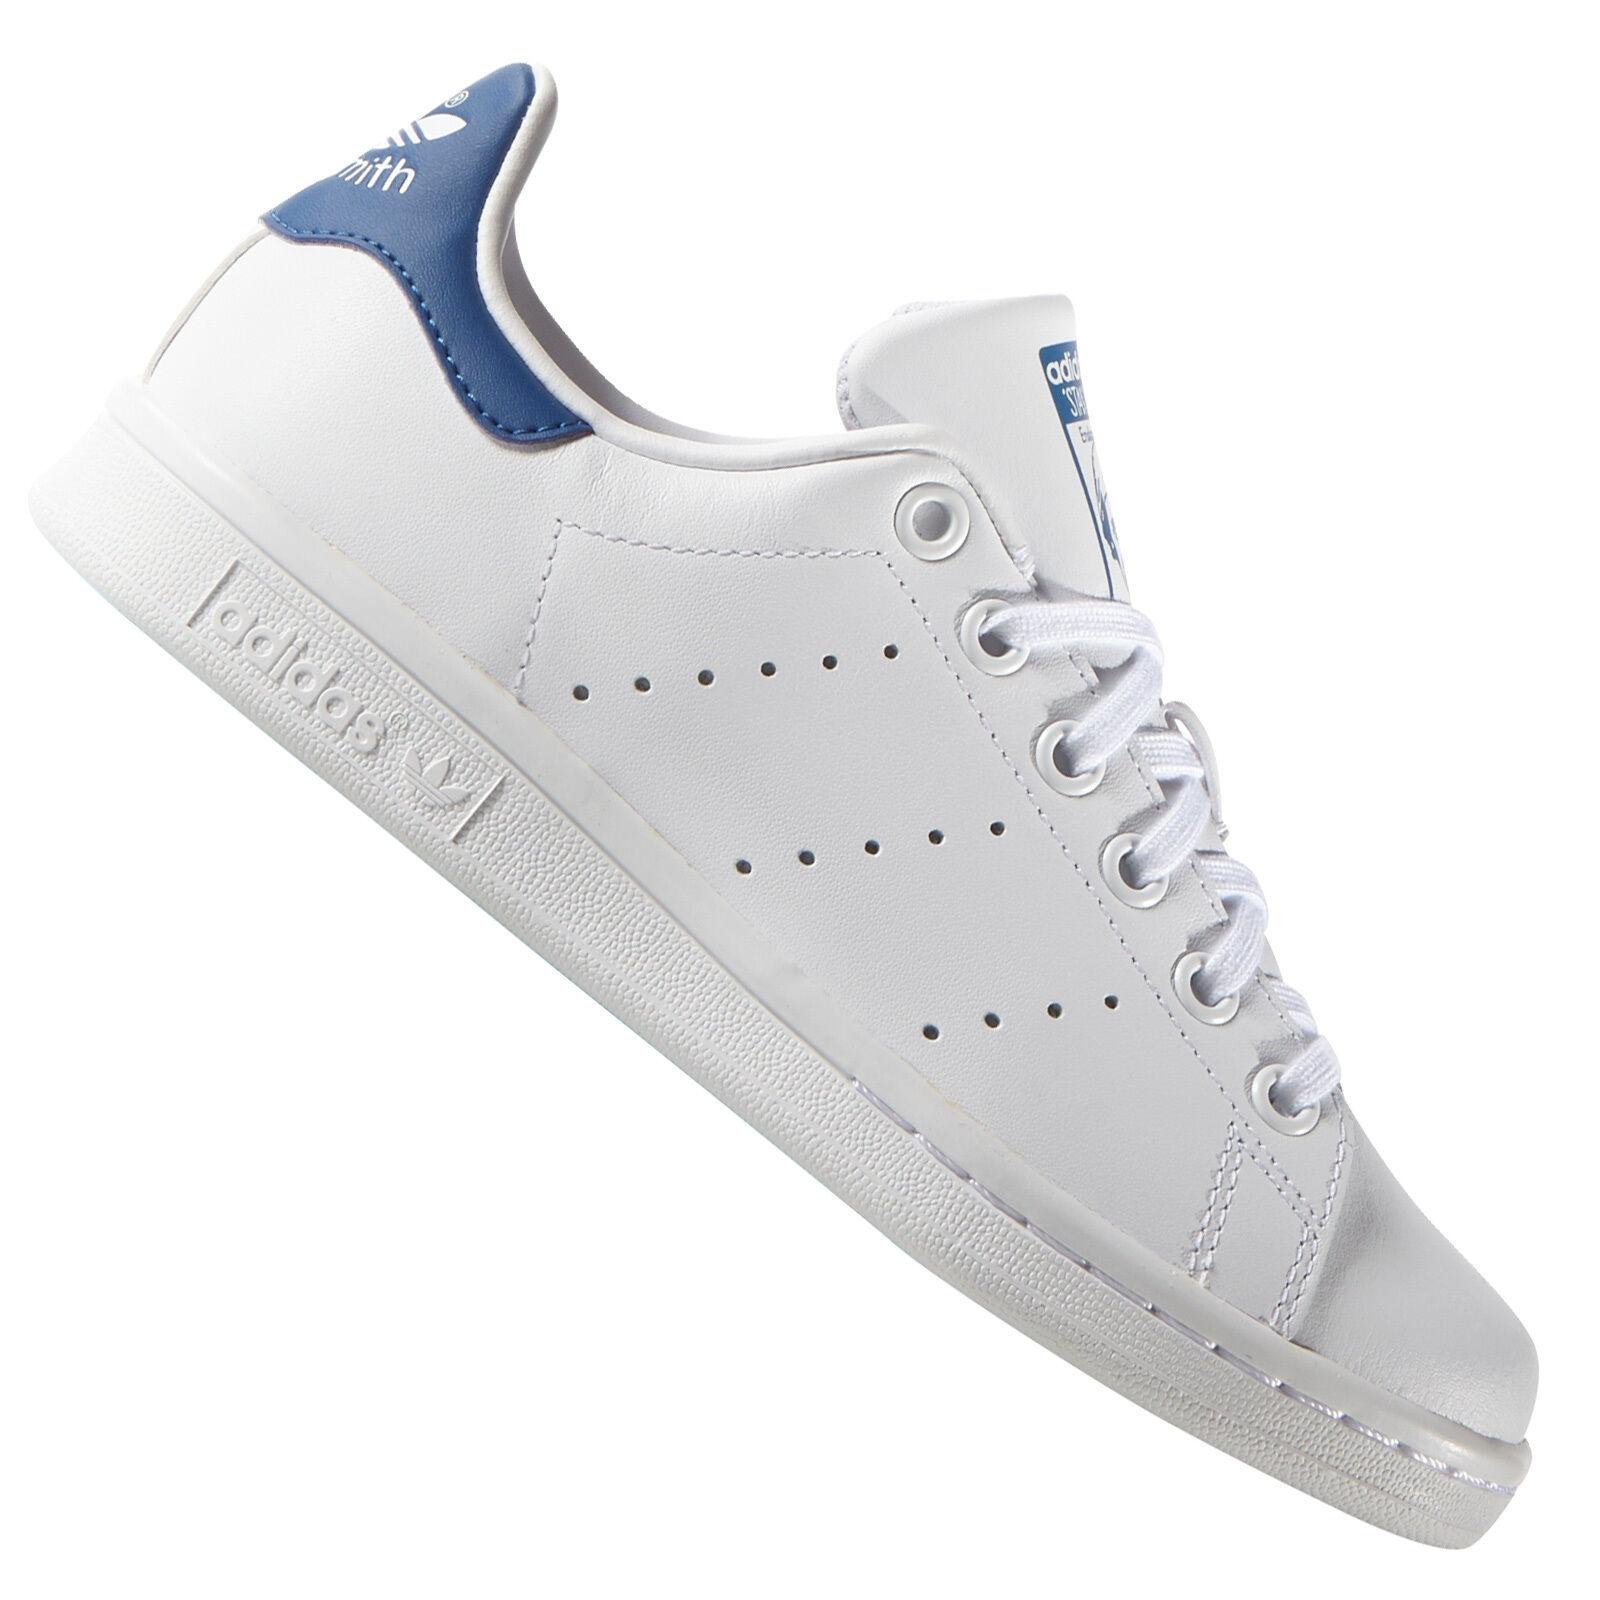 Adidas Originals zapatillas Stan Smith s74778 cortos azul/ blanco o zapatillas Originals de deporte señora-zapatos da2d40